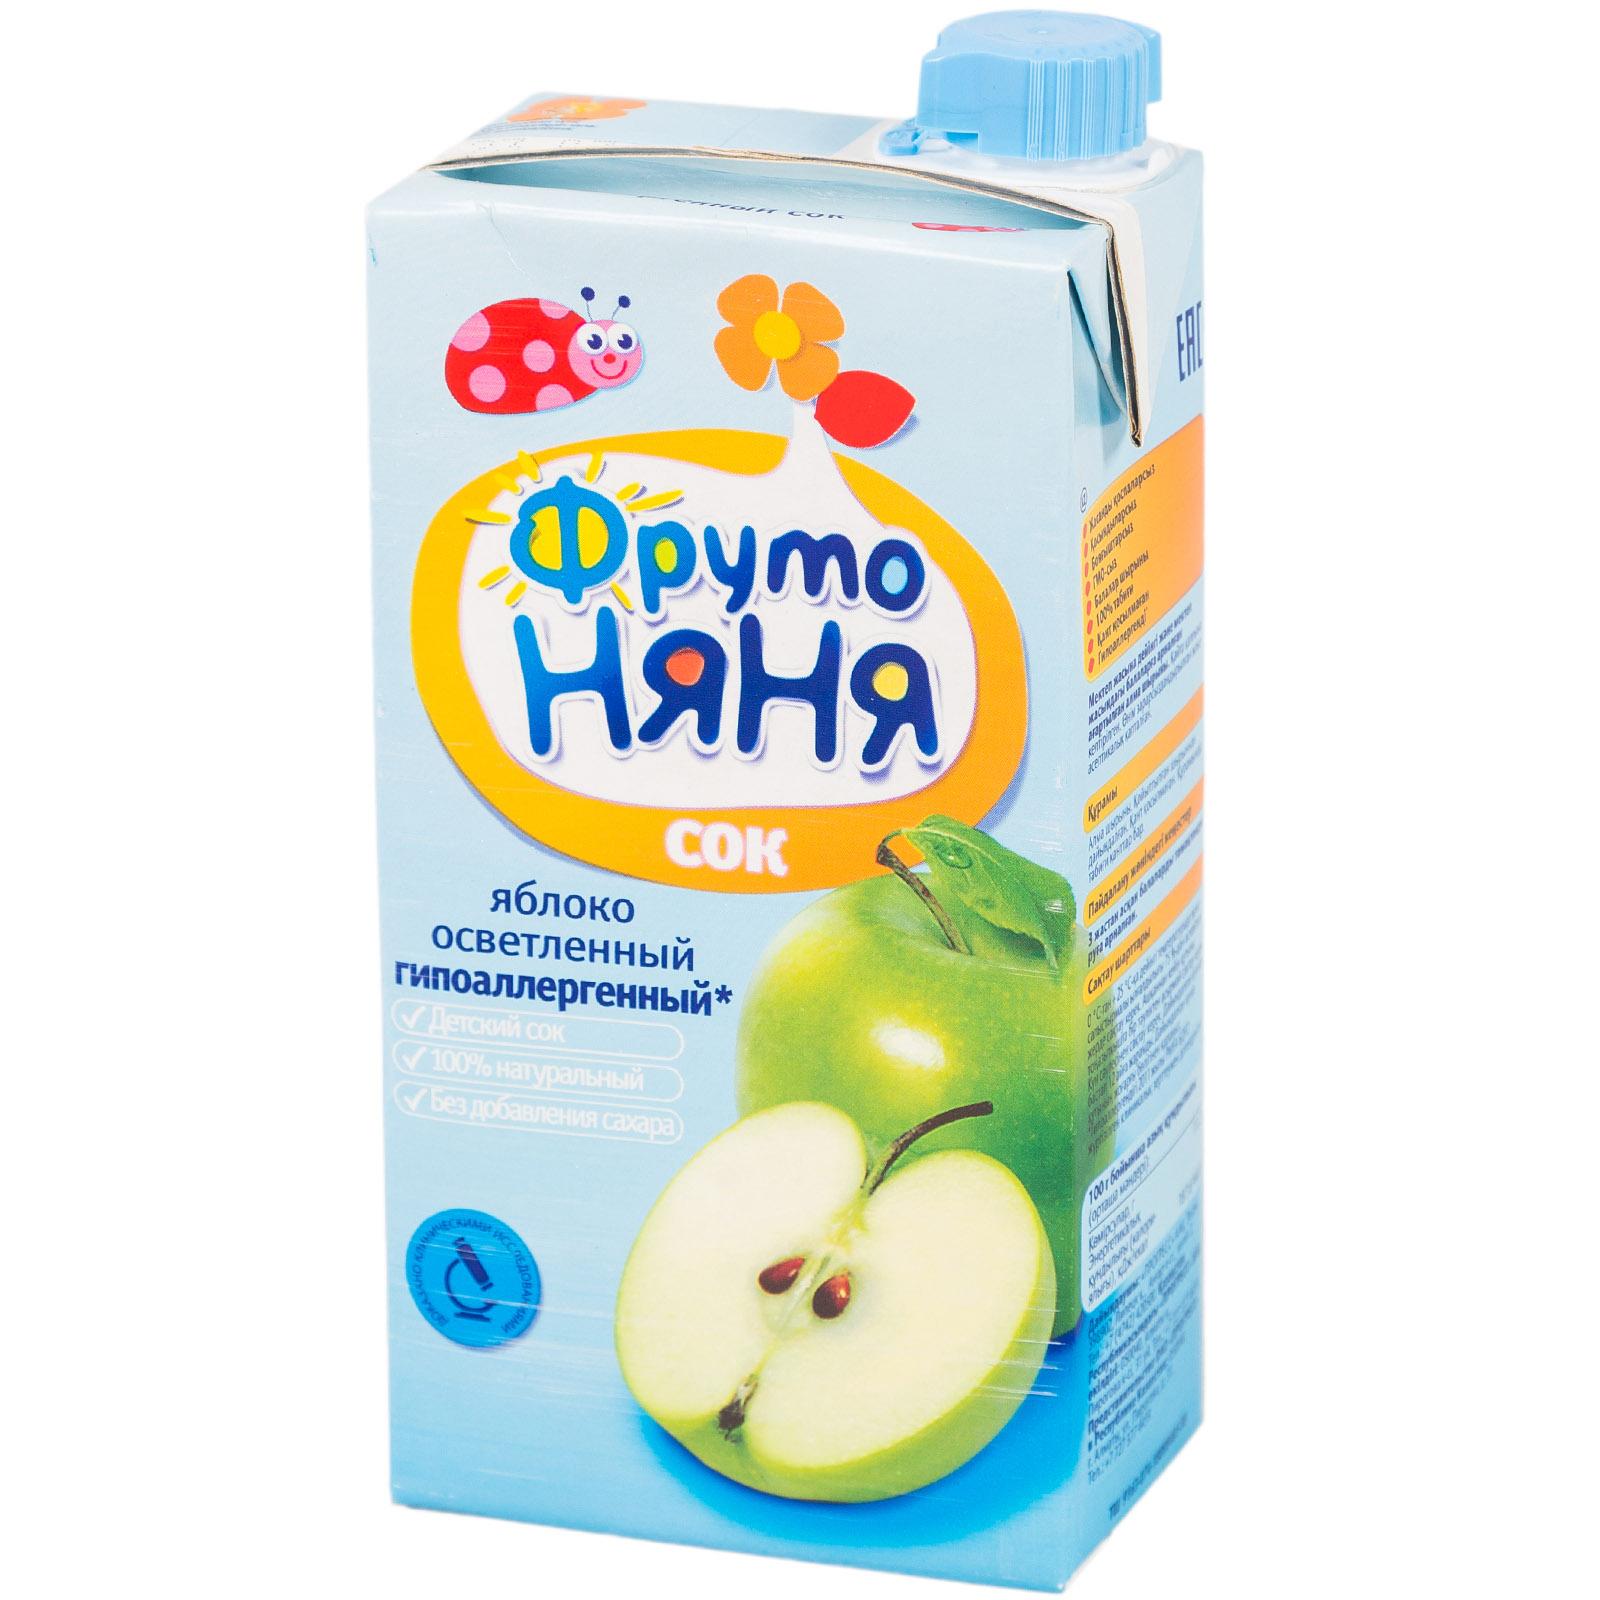 Сок Фрутоняня 500 мл Яблочный осветленный (с 3 лет)<br>